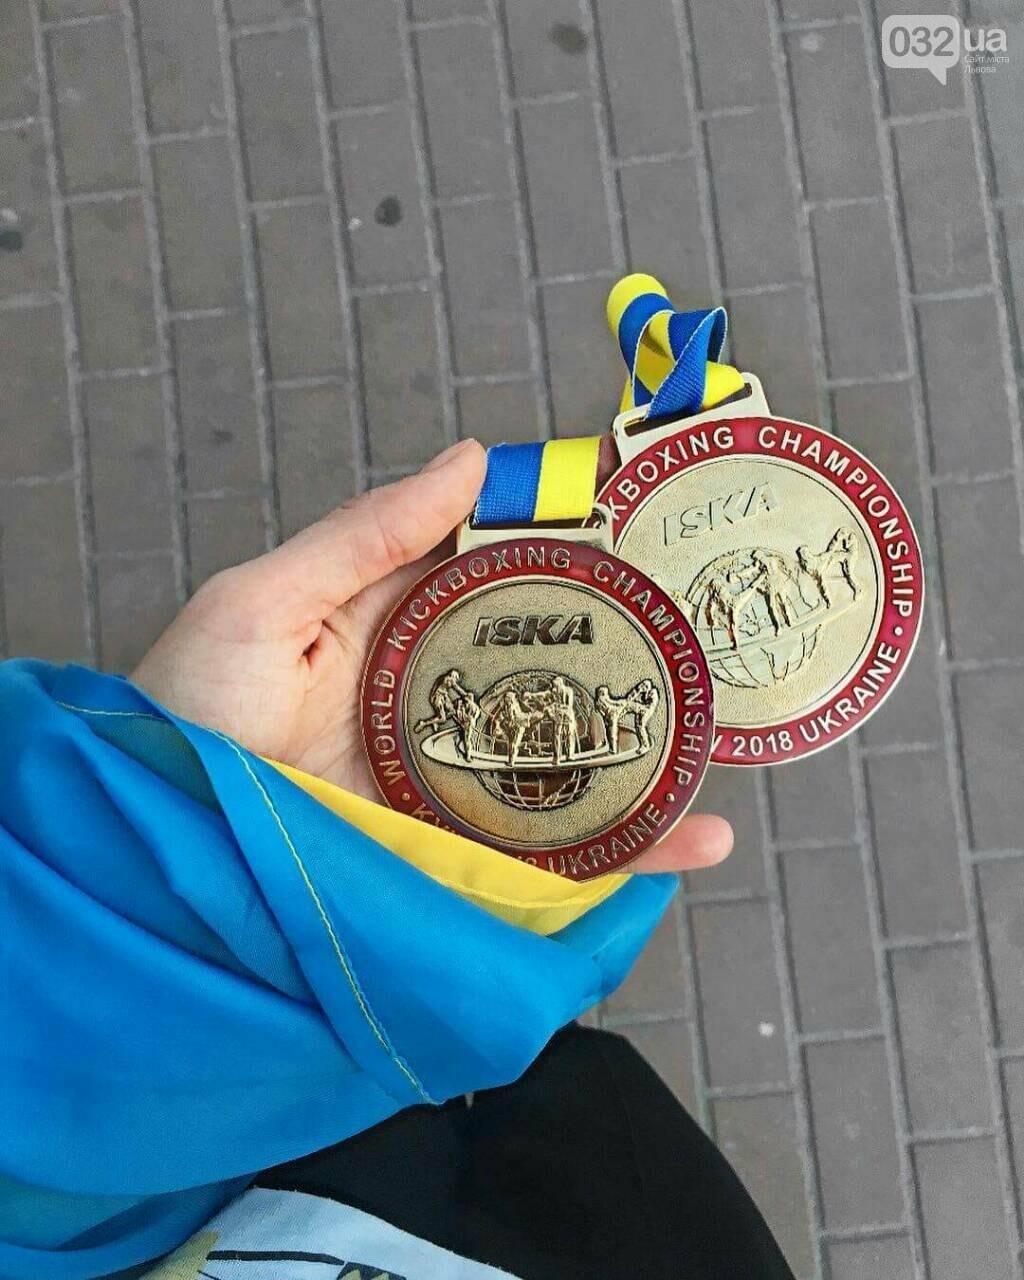 Львів'янка виграла дві золоті медалі на чемпіонаті світу з кікбоксингу (ФОТО), фото-3